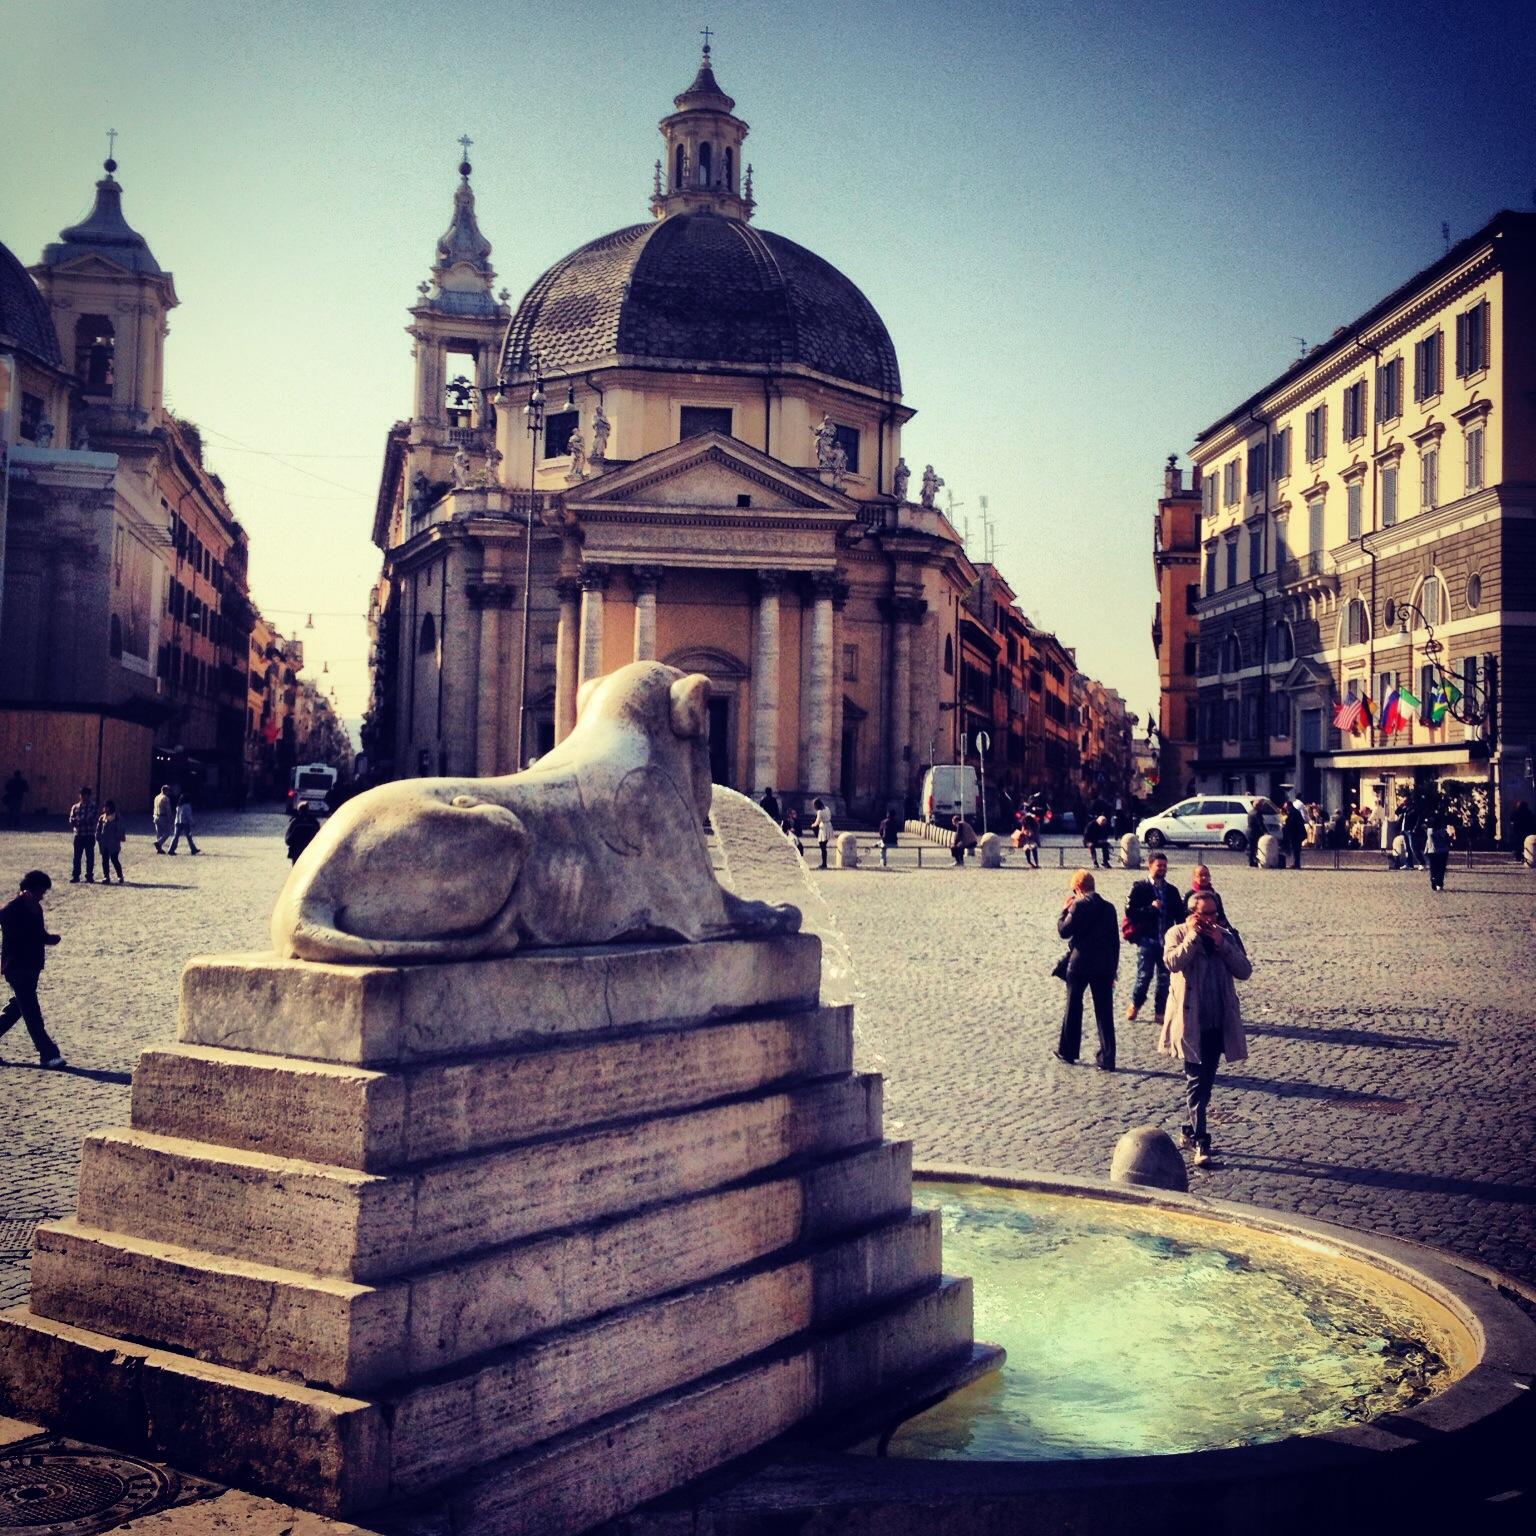 Piazza del Popolo - Fountains of Rome